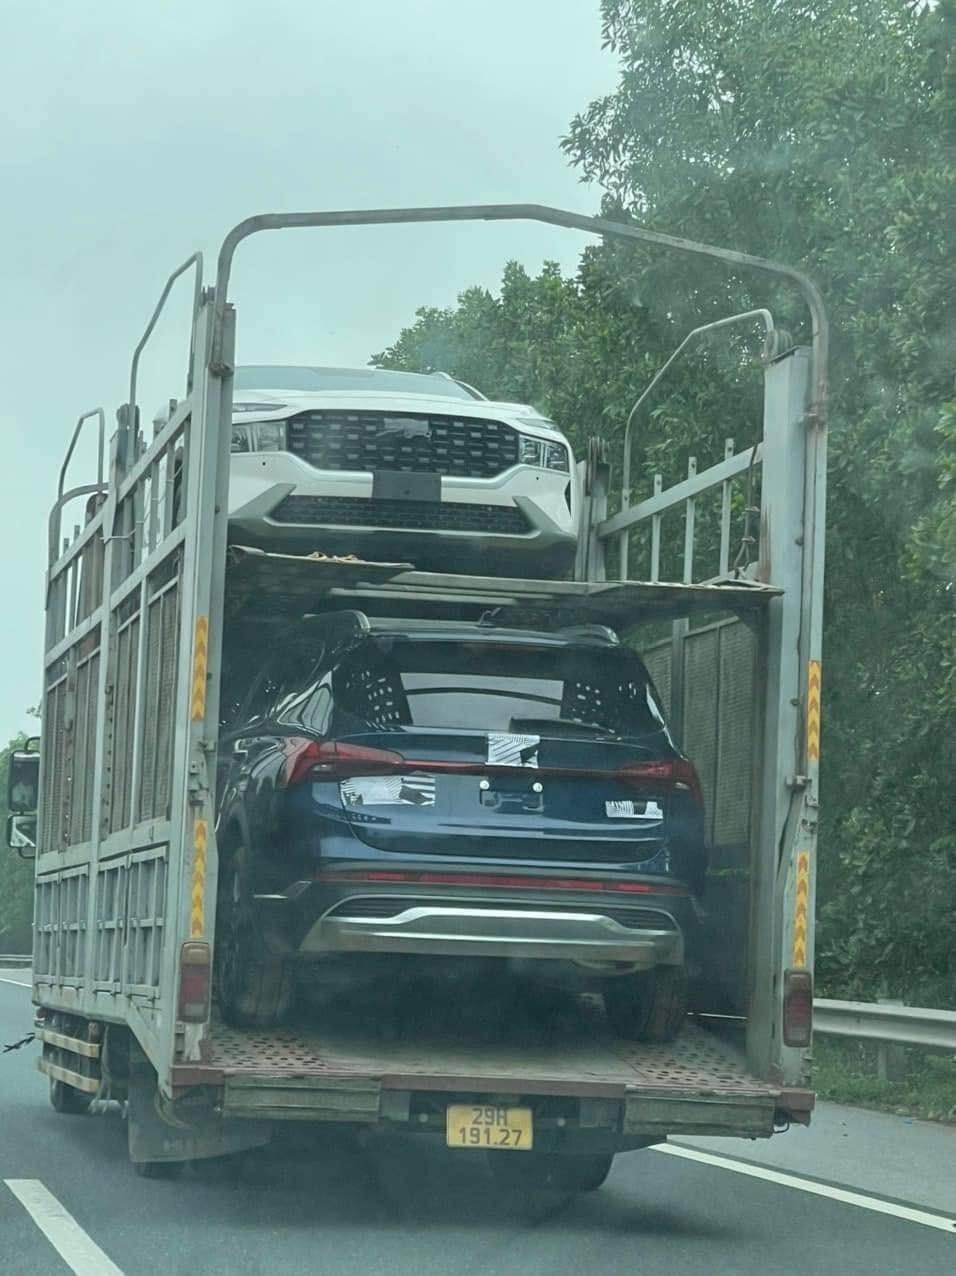 Hyundai Santa Fe 2021 bị bắt gặp trên xe chuyên chở về Hà Nội.